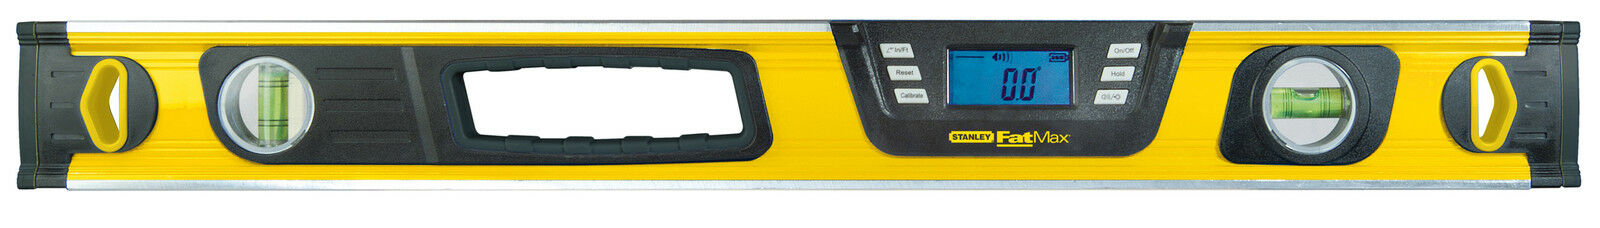 STANLEY Neigungsmesser 60 60 60 cm 2 Libellen Messbereich 0°-360° leicht ablesbar d109a9